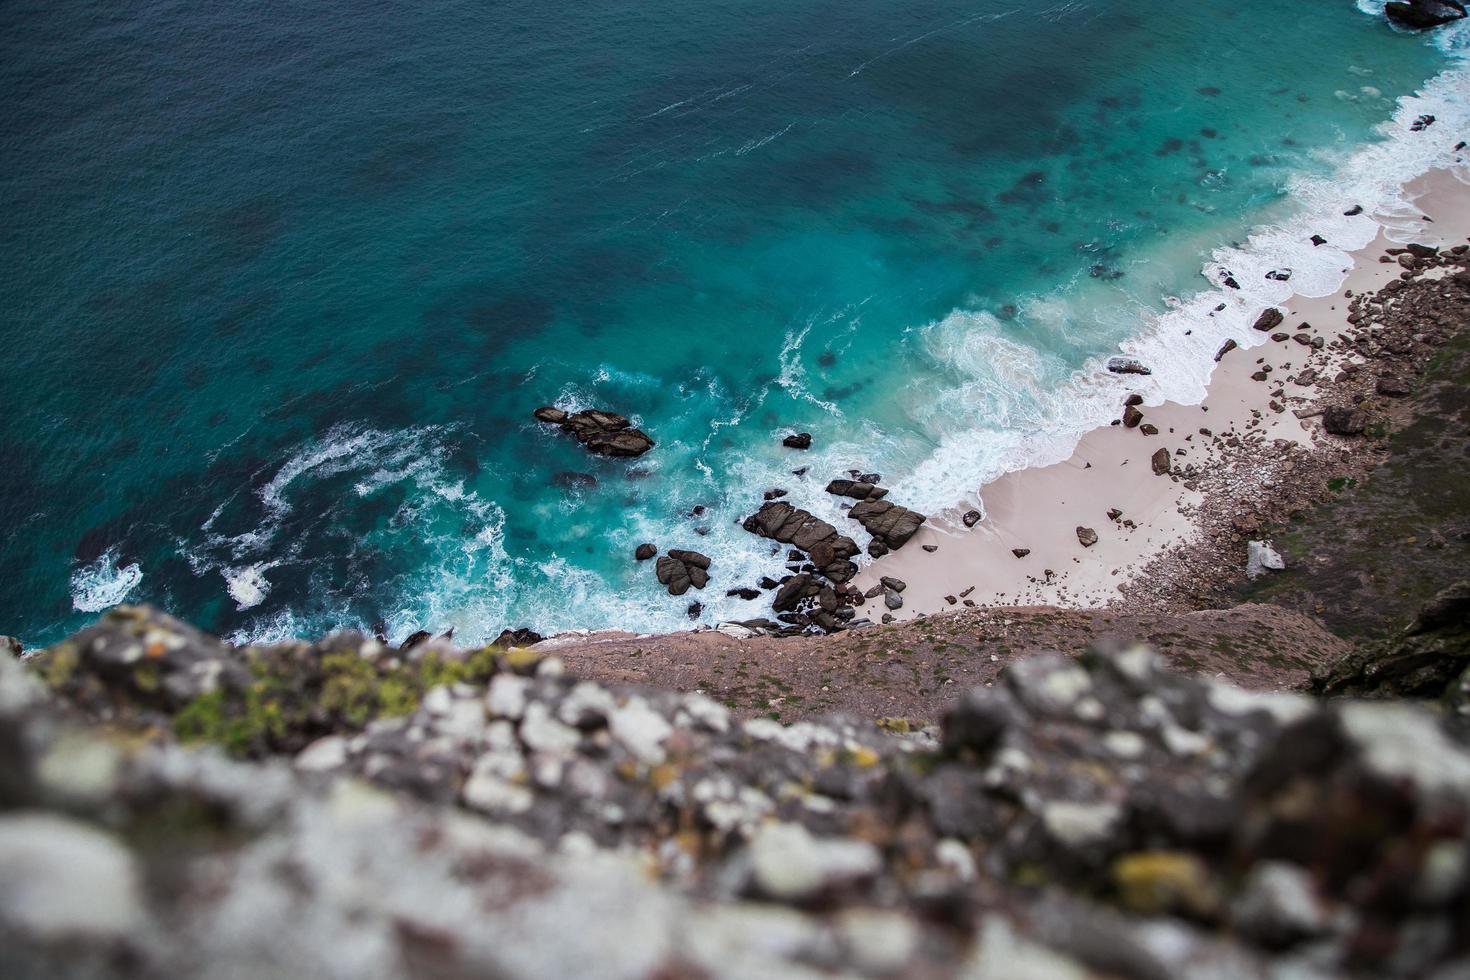 guardando in basso sulla spiaggia rocciosa foto